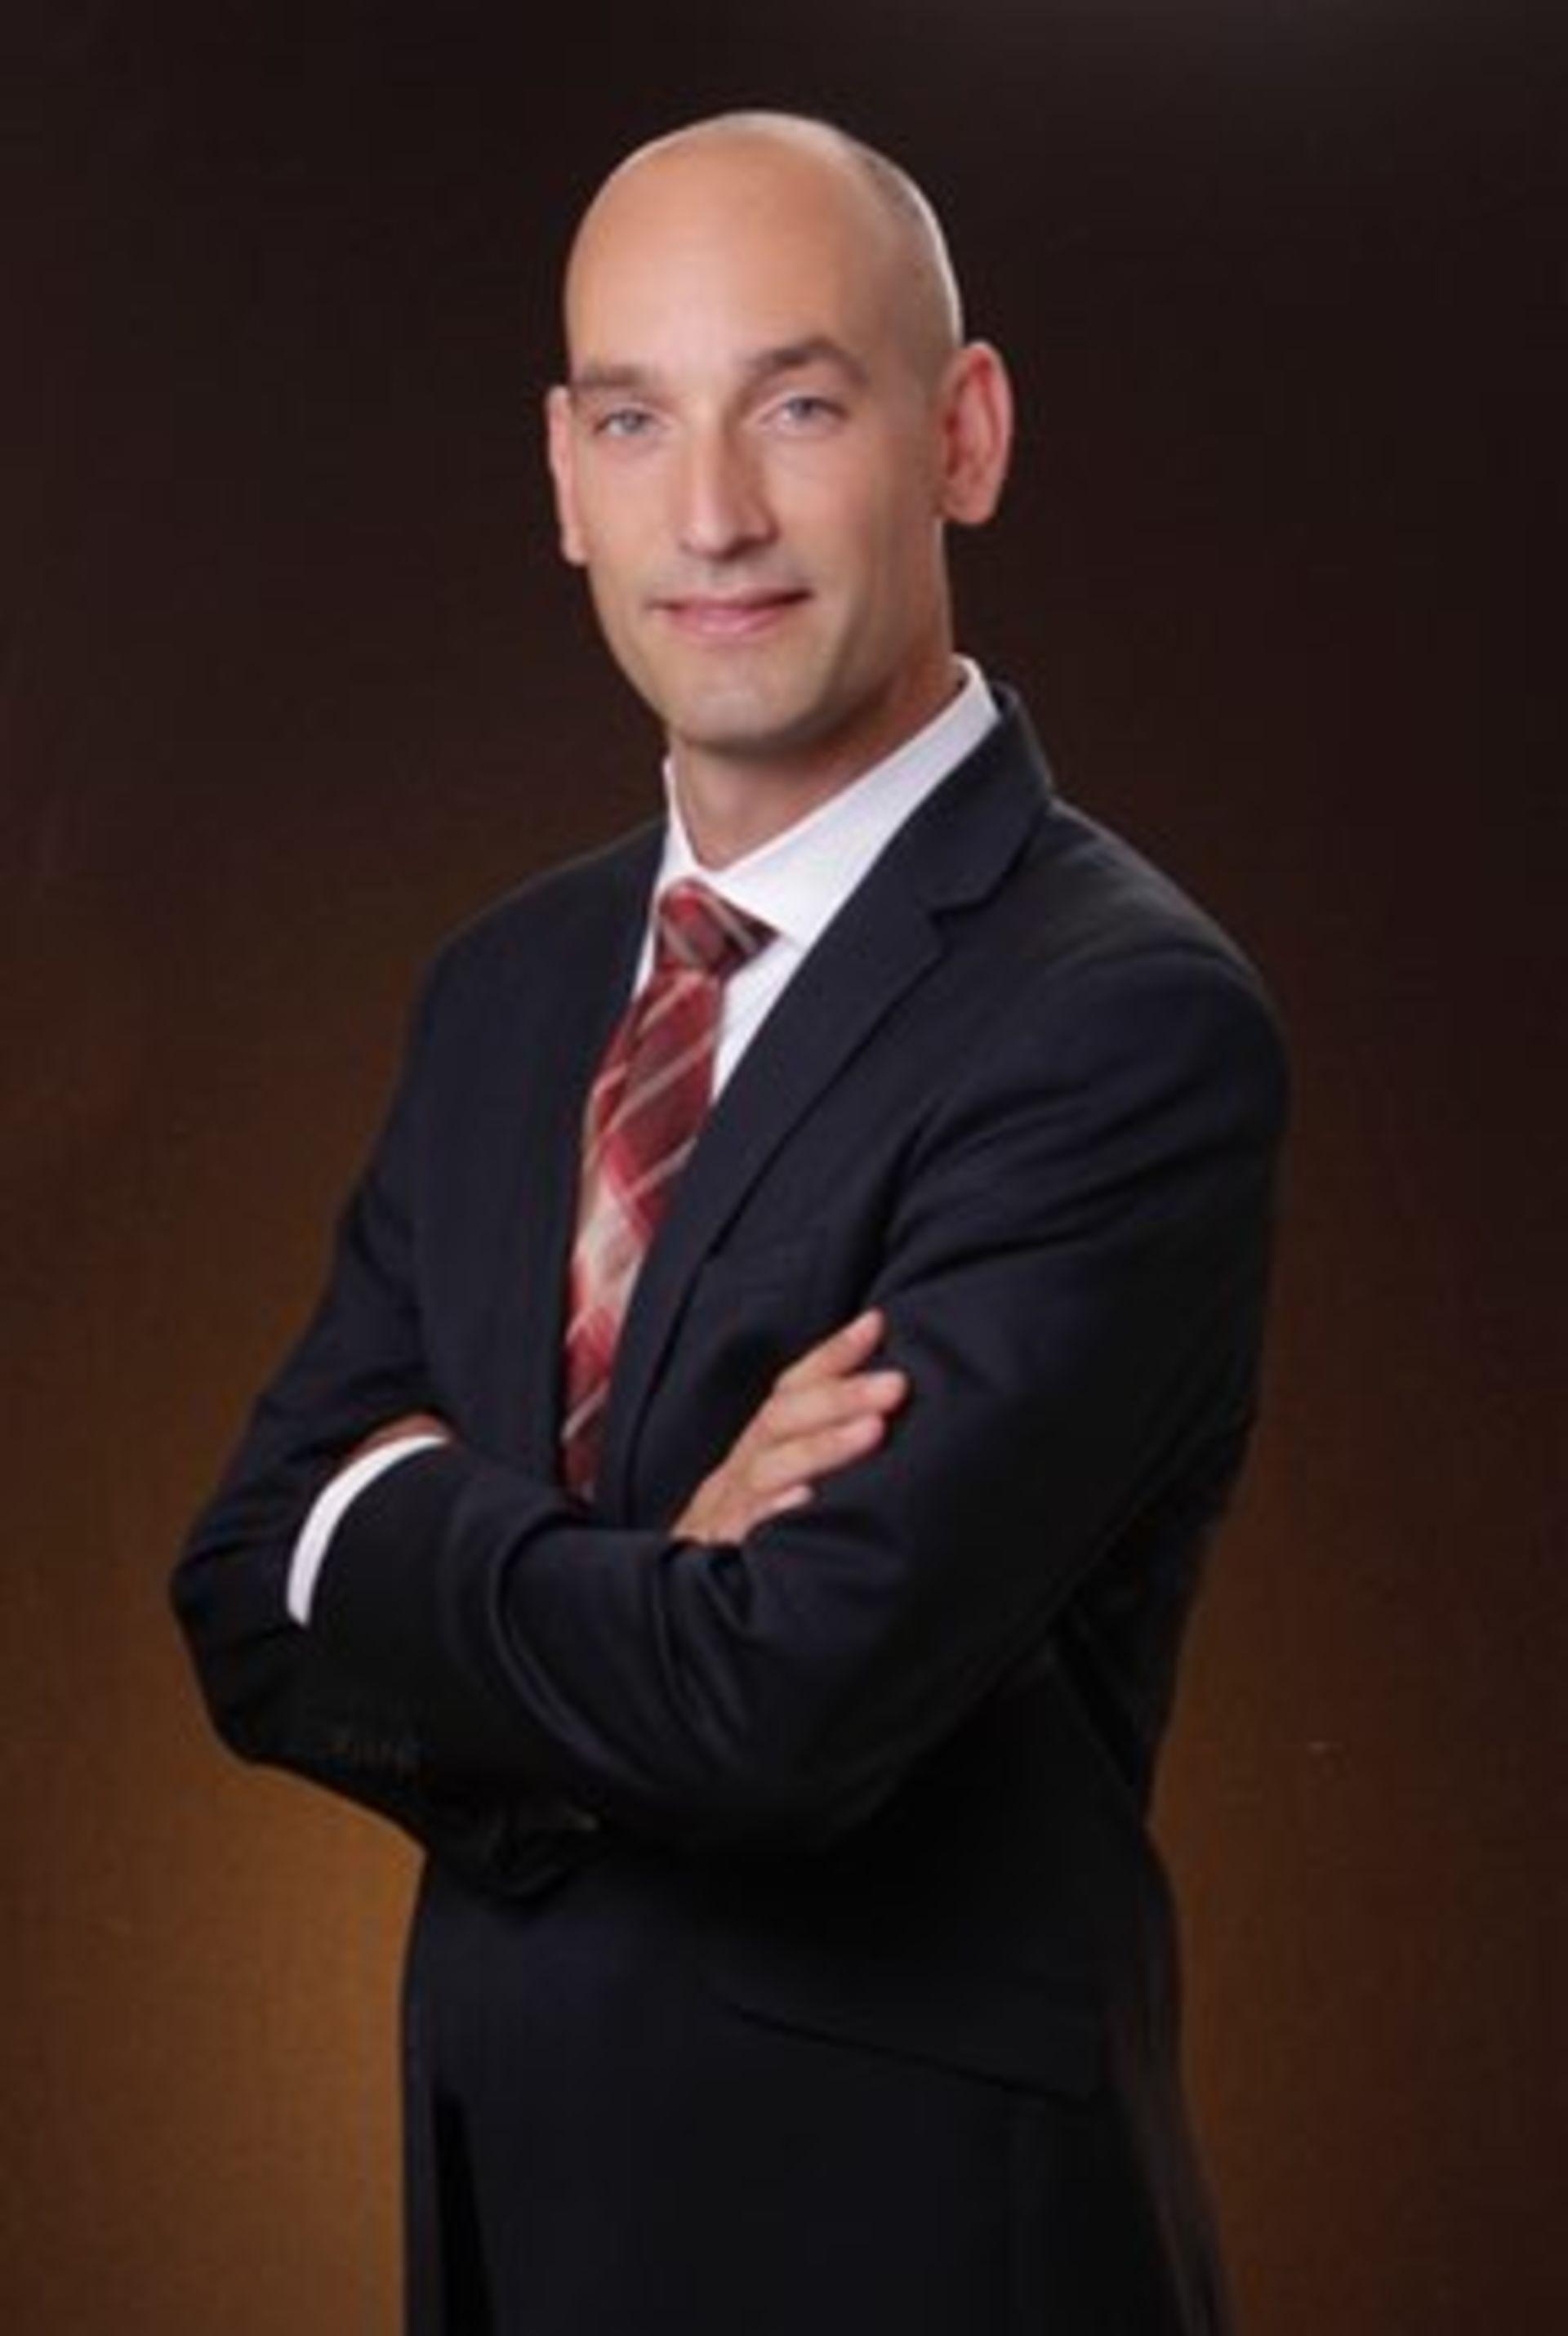 Aaron Lippert